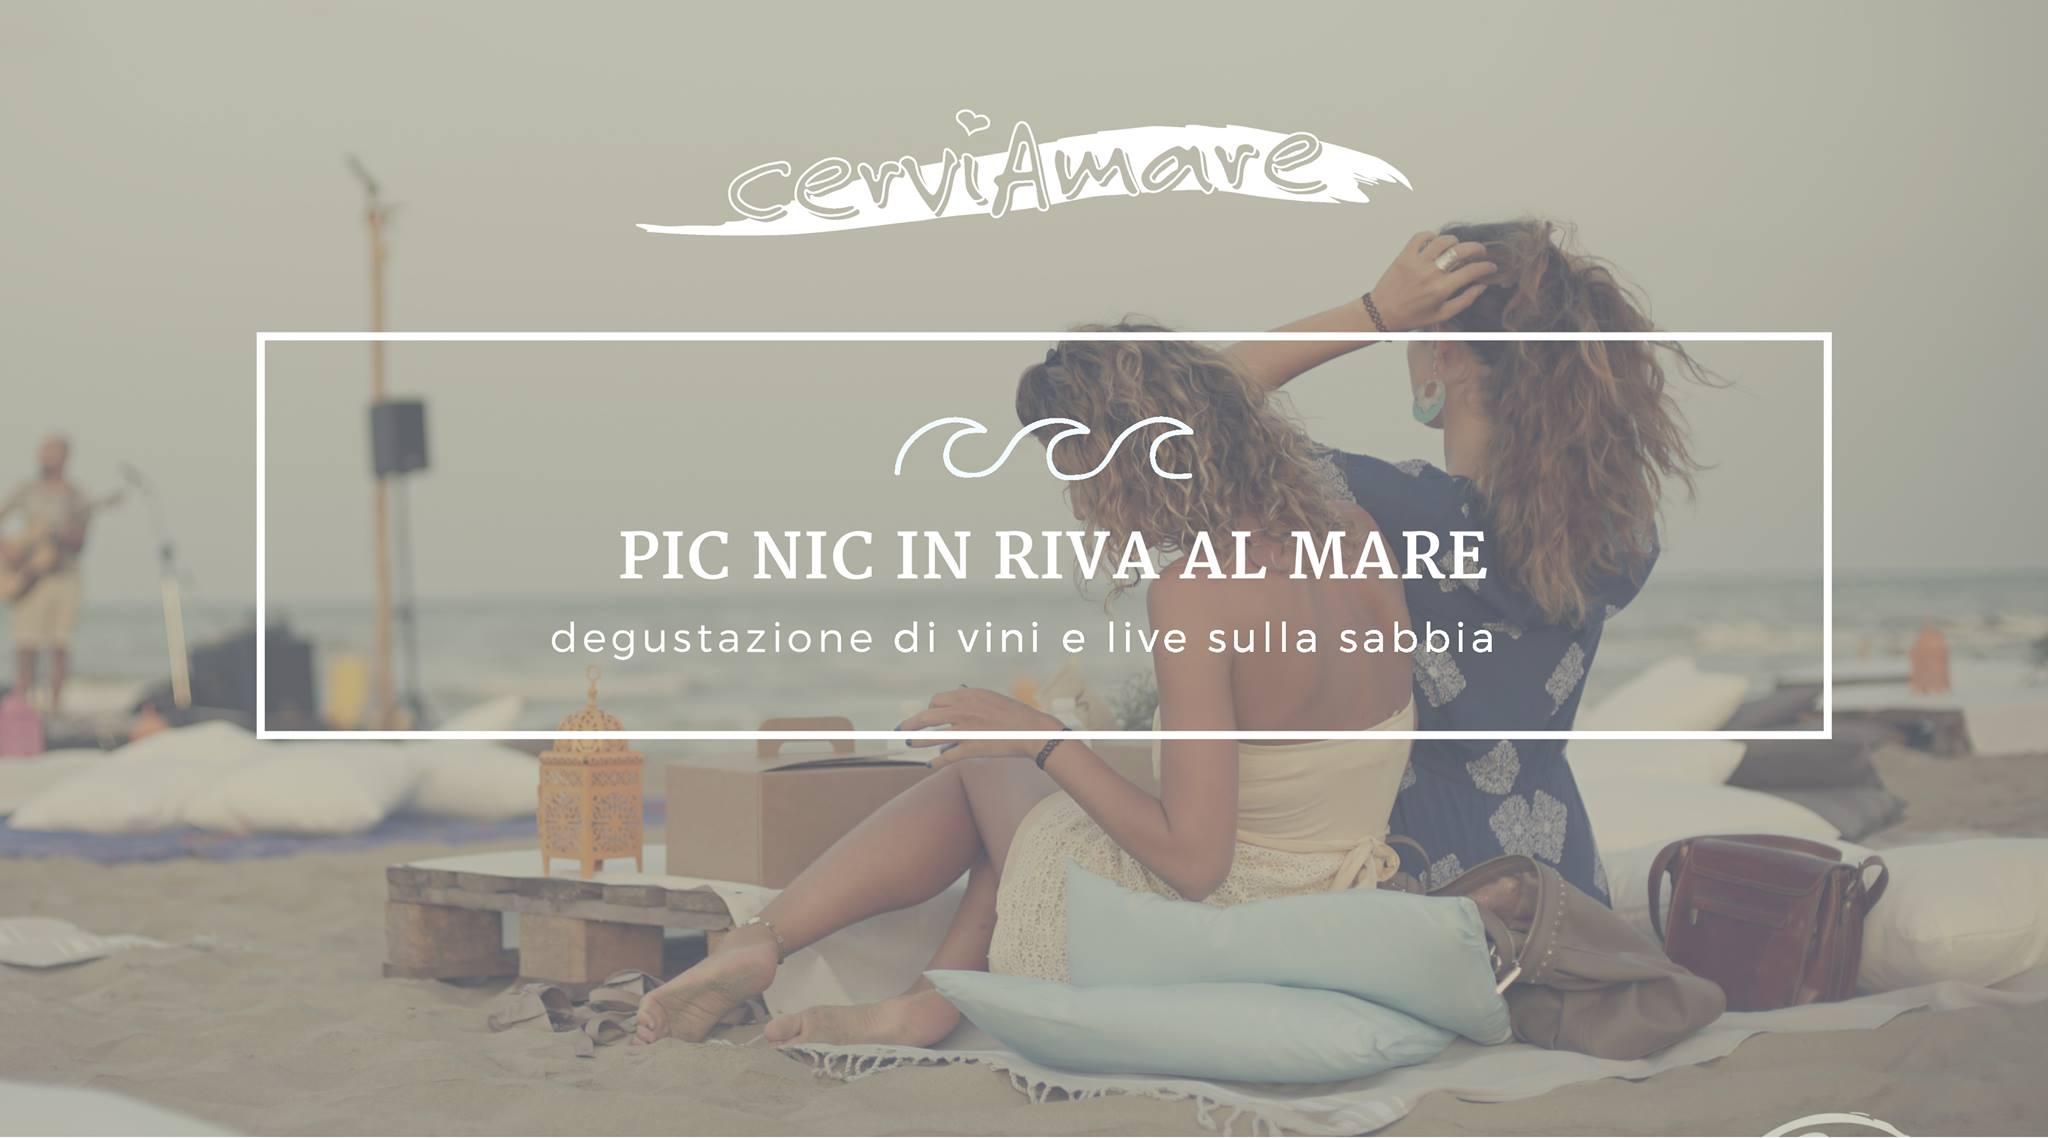 Pic Nic in Emilia Romagna Cerviamare